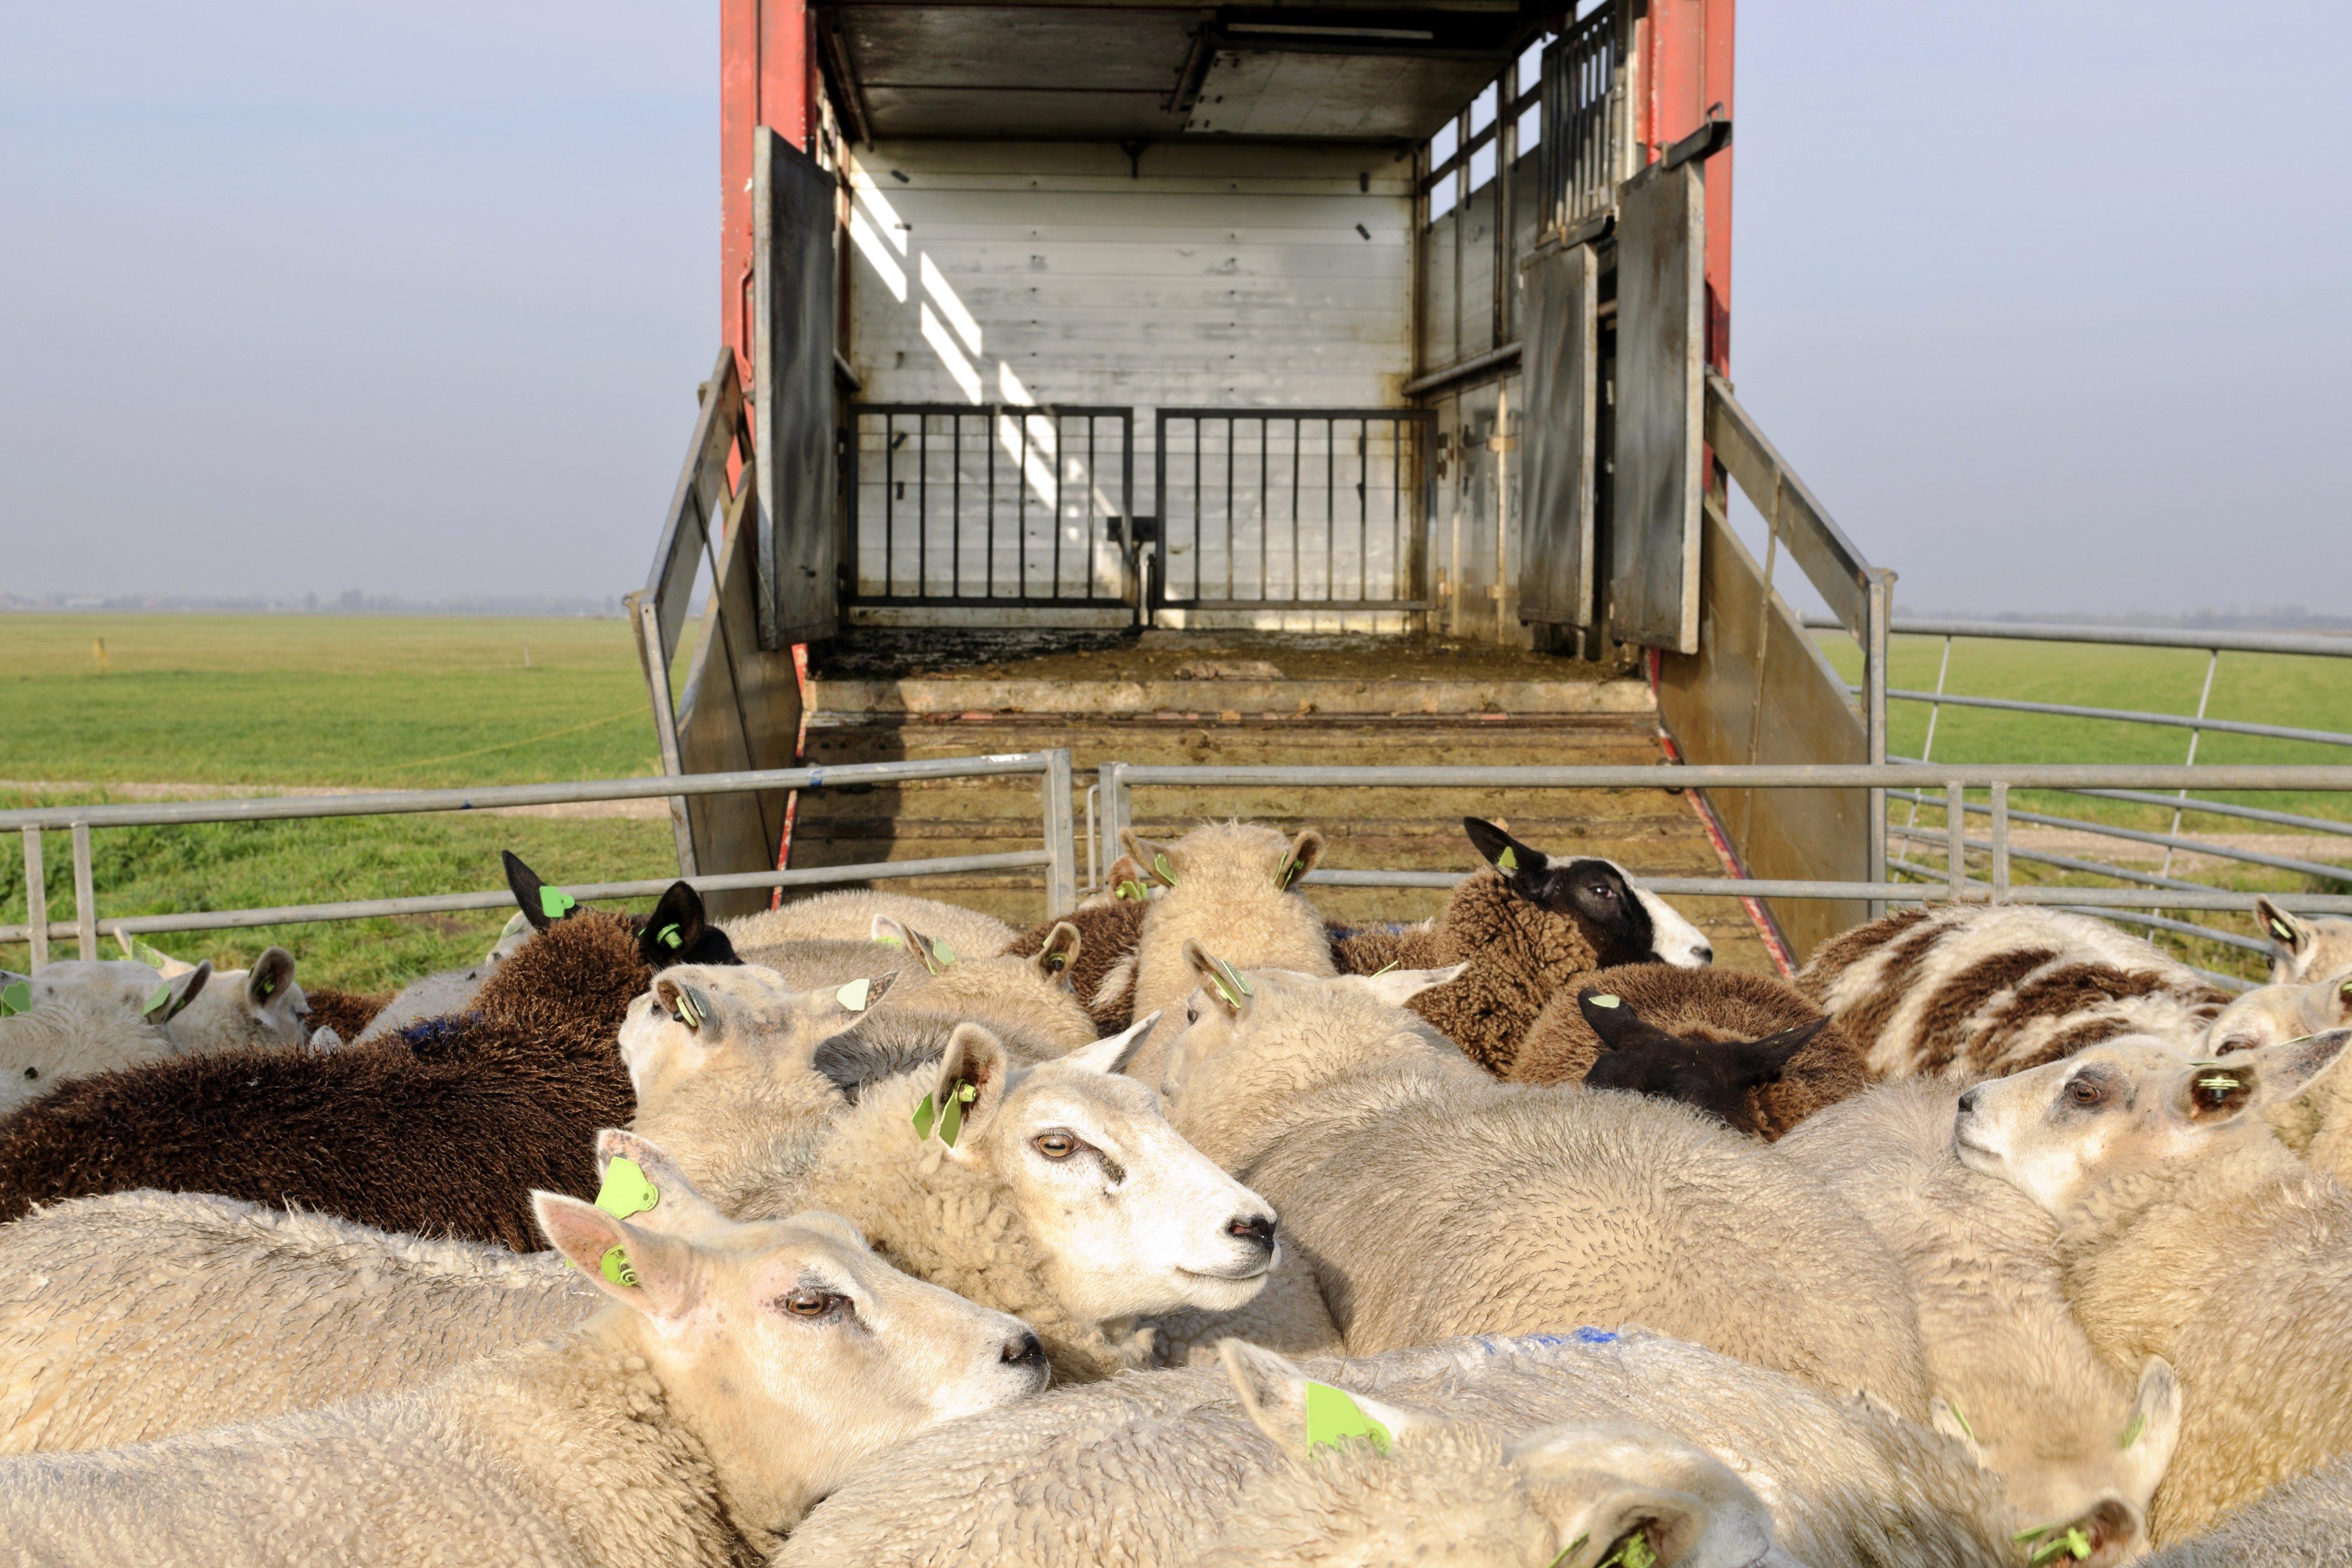 Ovejas entrando a un camión. Fuente: Shutterstock